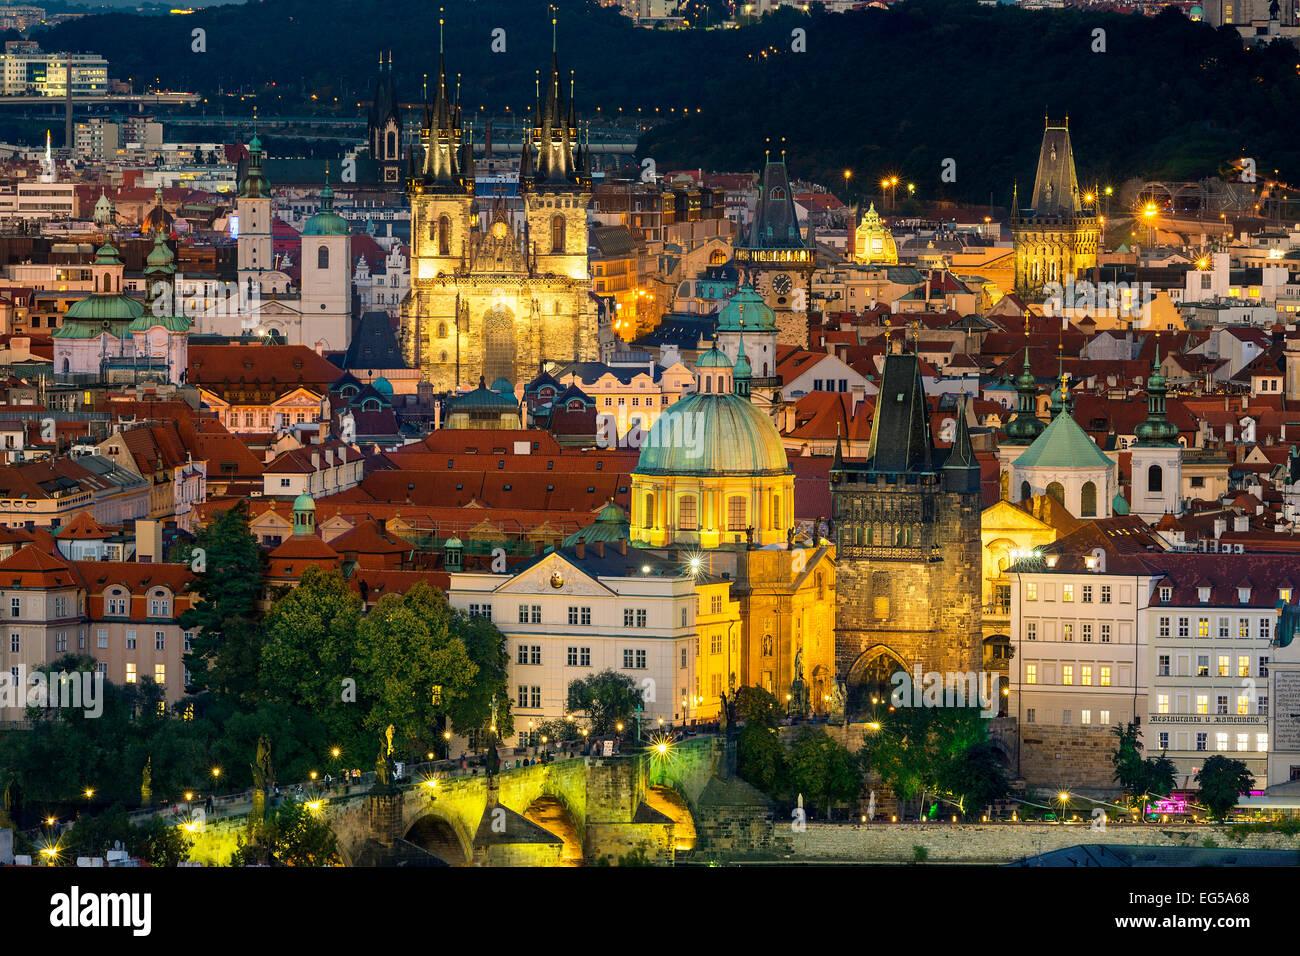 Repubblica Ceca, Praga, lo skyline della citta' al tramonto Immagini Stock